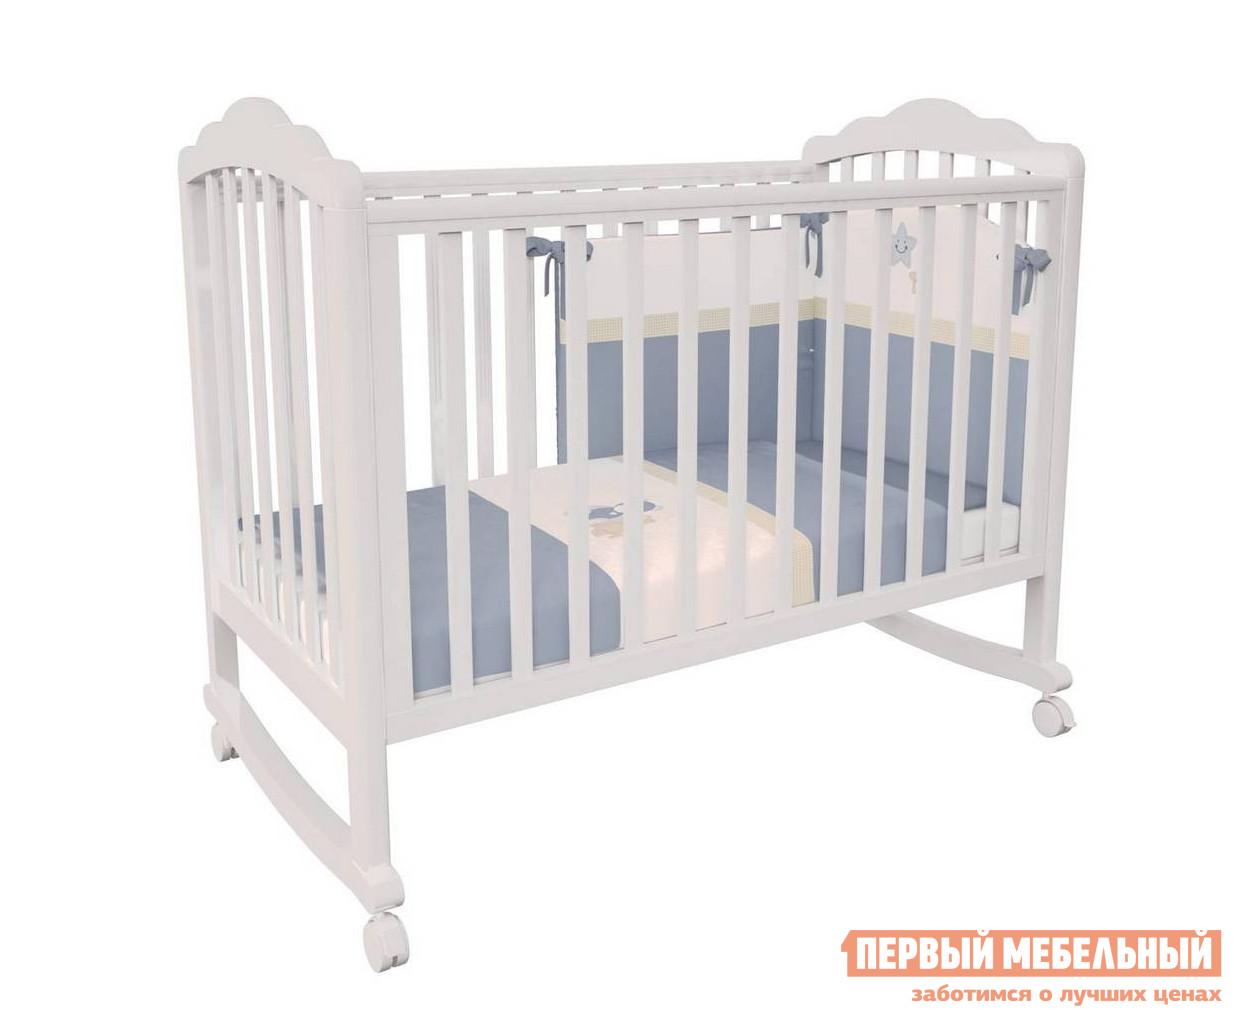 Кроватка ВПК Кроватка детская Polini kids Classic 621 цены онлайн